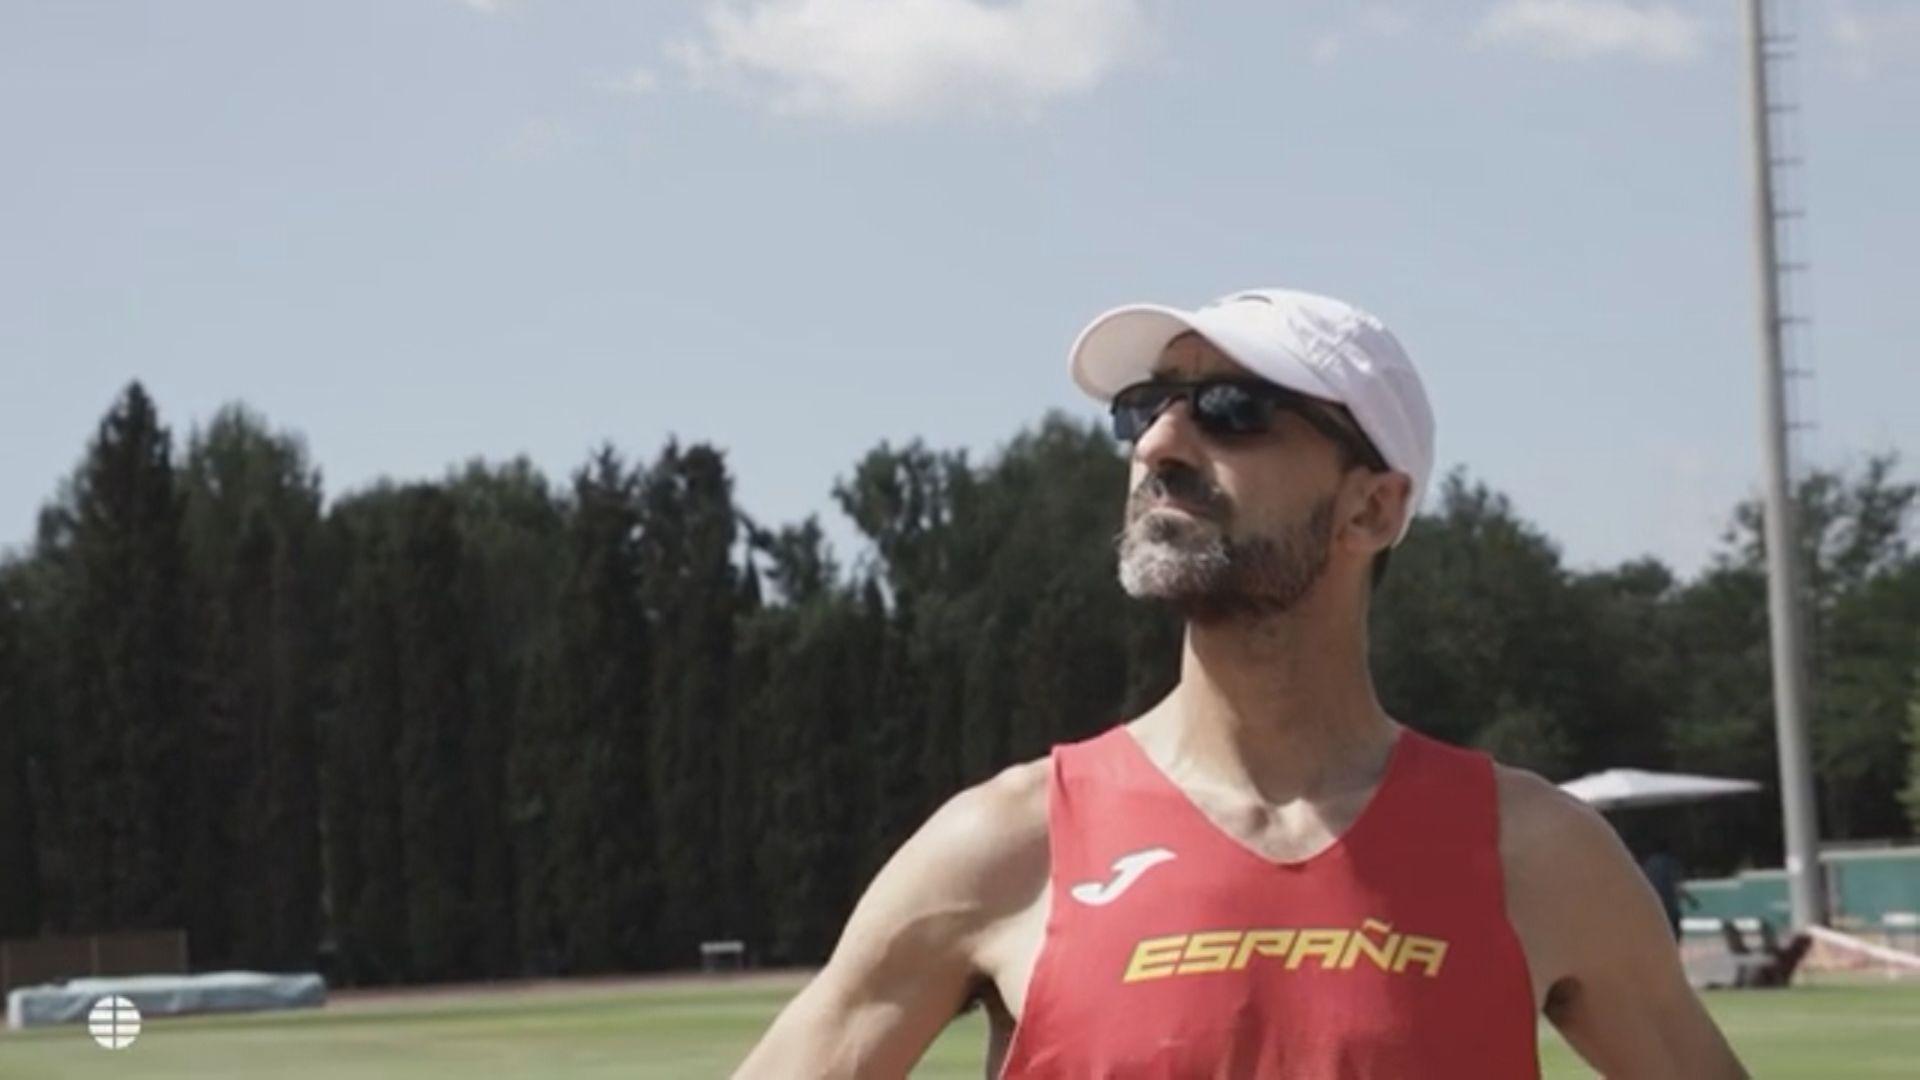 51歲西班牙選手第八次出戰奧運 將成參與奧運最多田徑選手